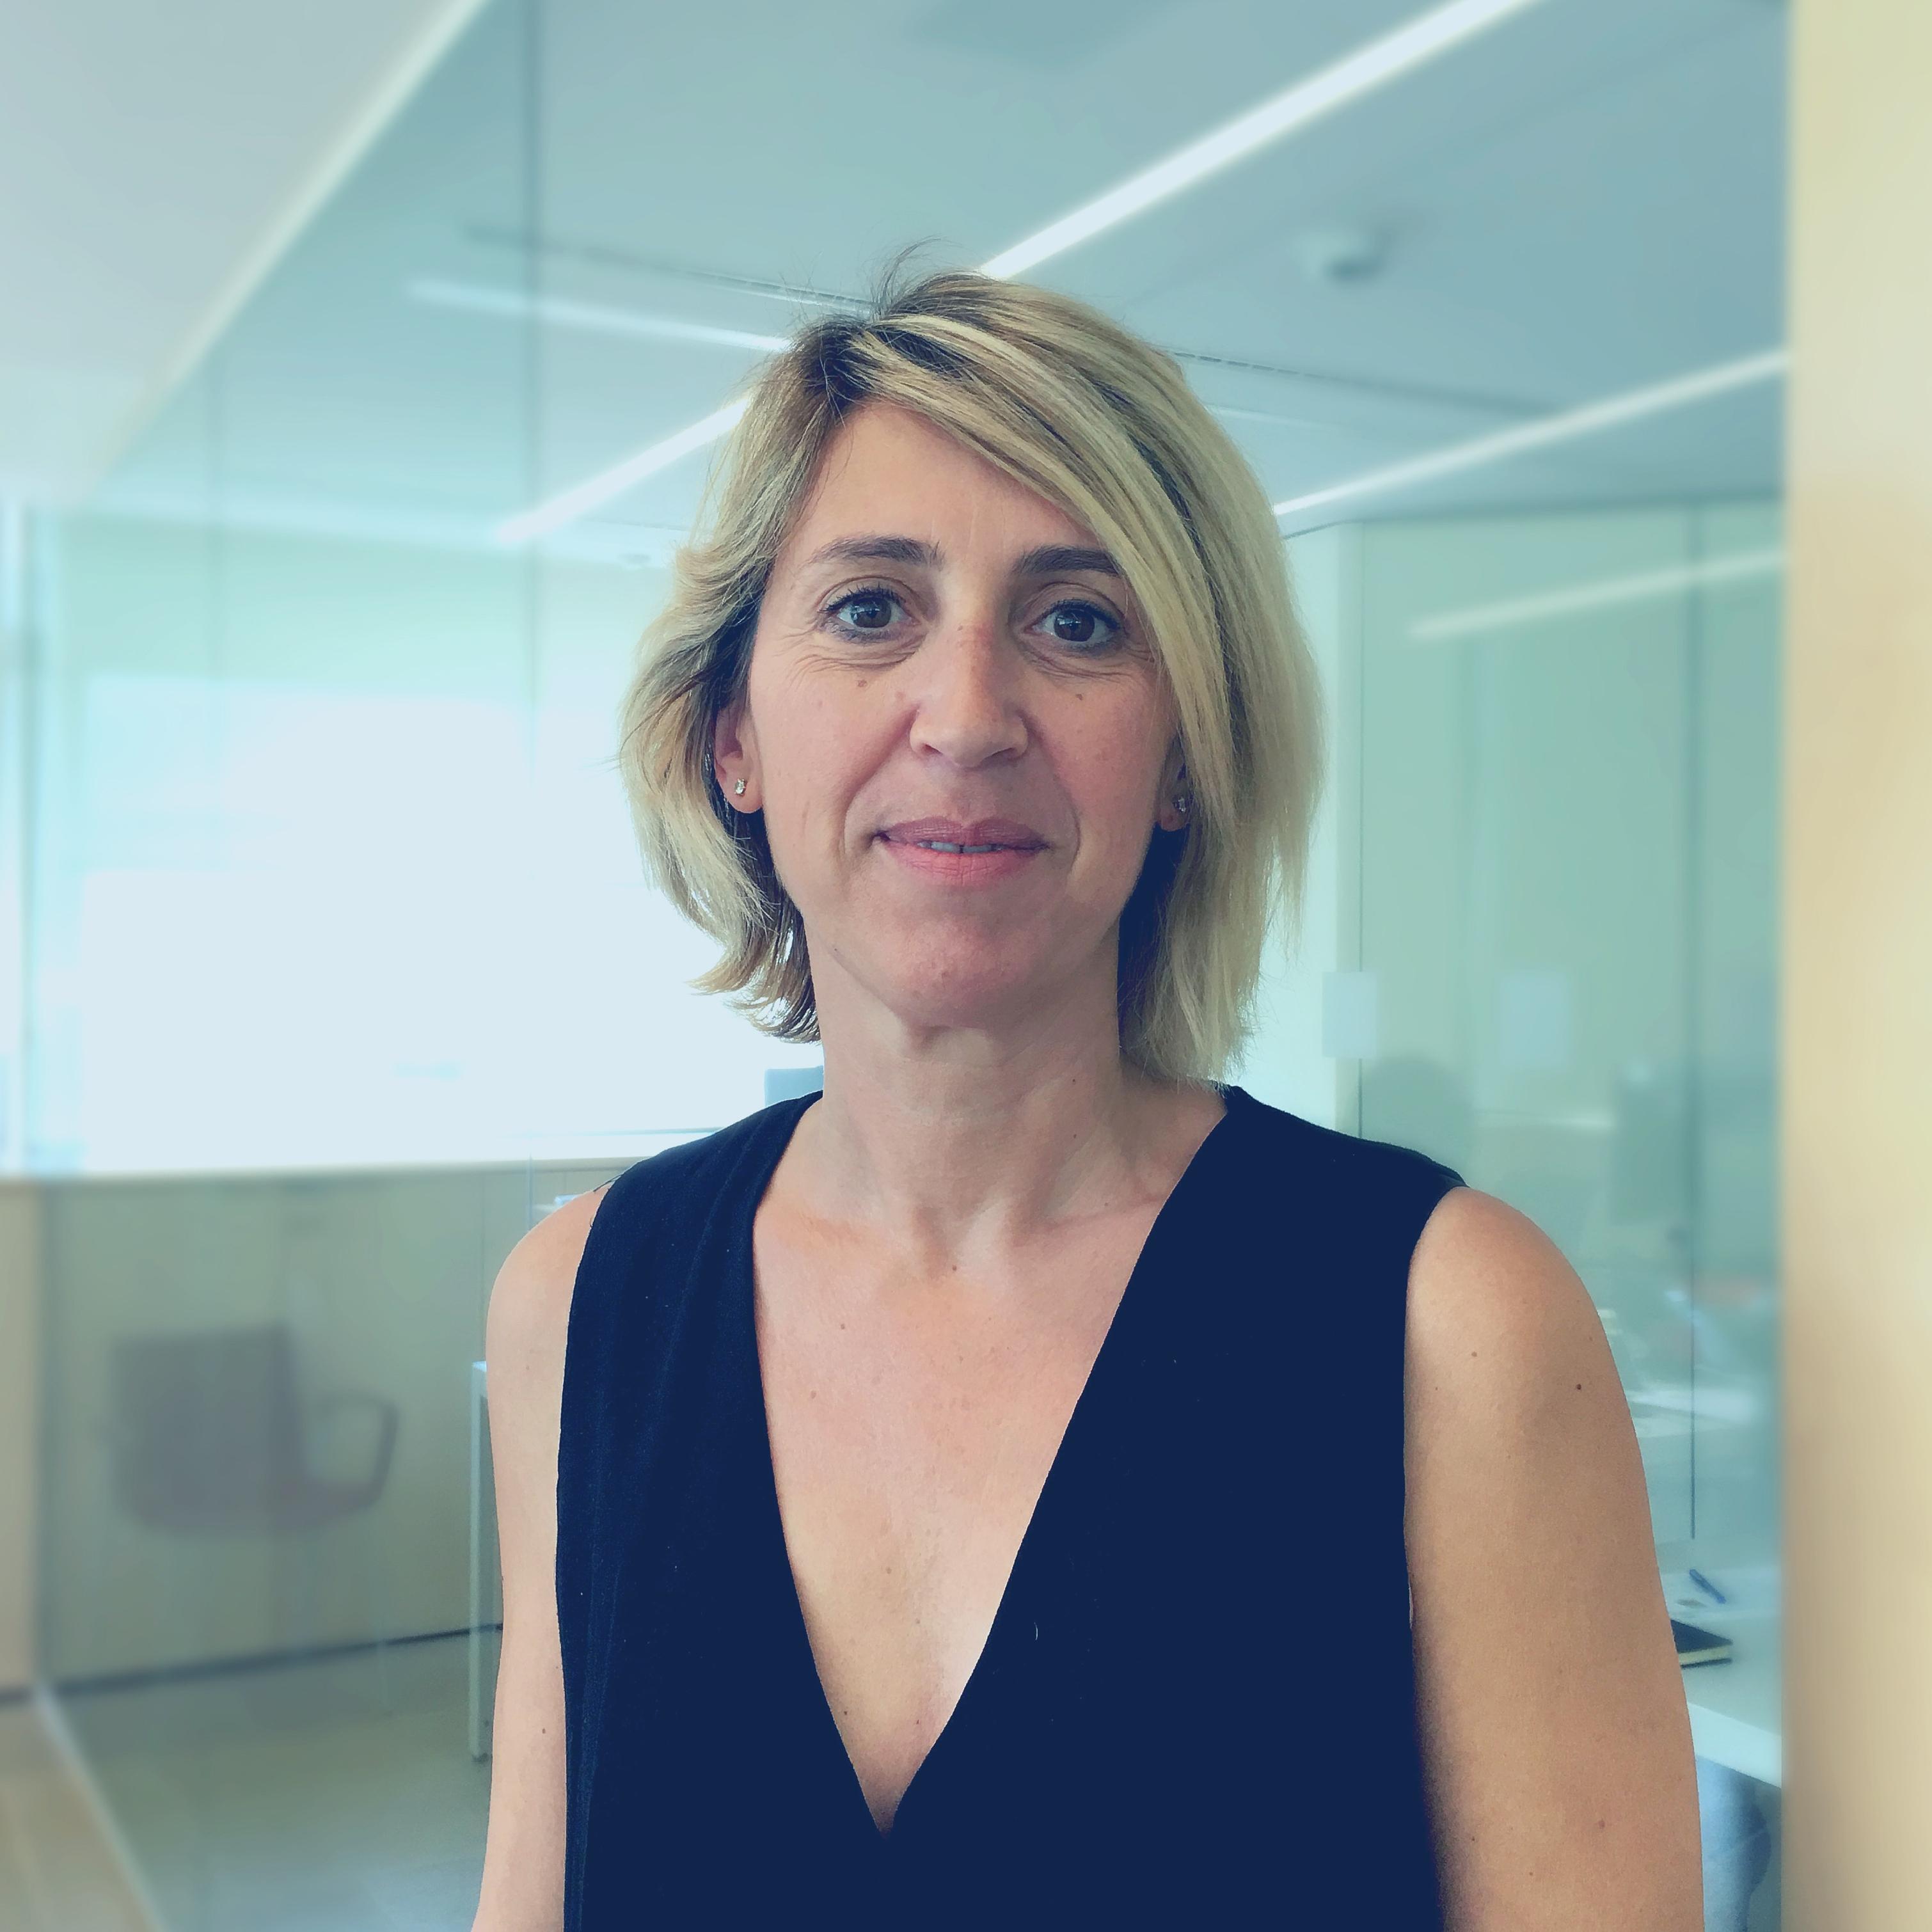 Carolina Herrero